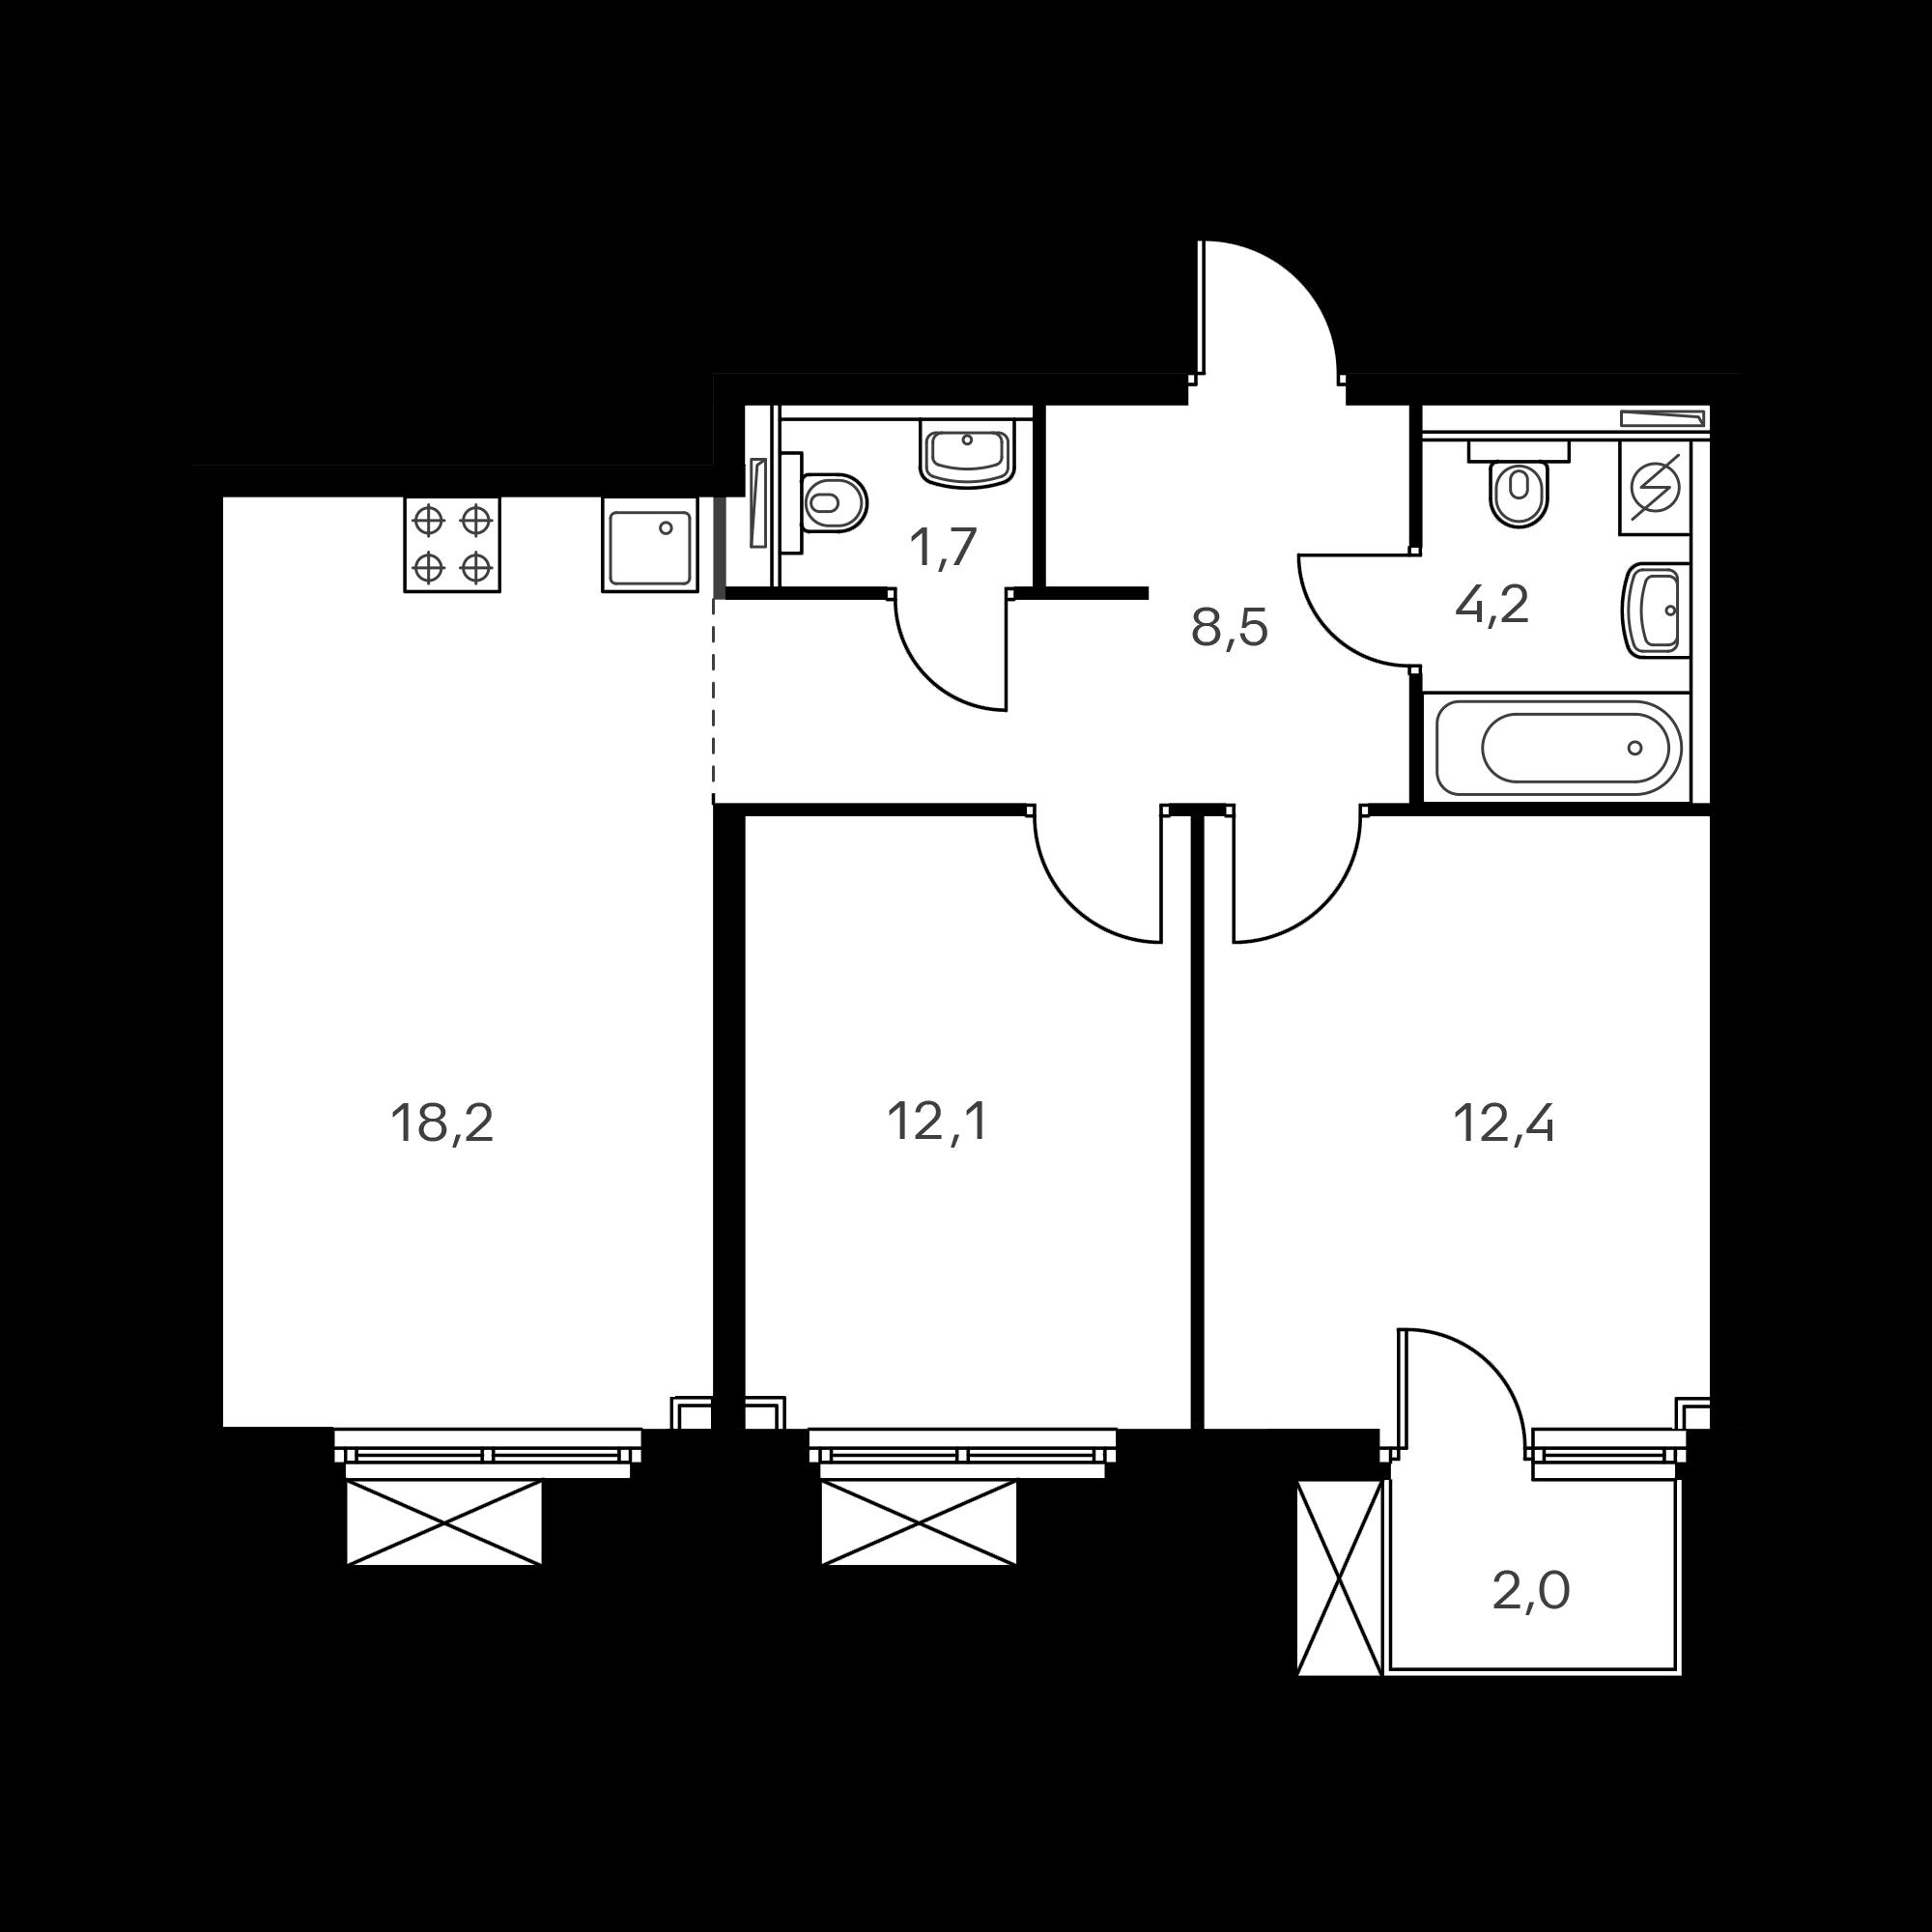 2EM8_9.9-1_B(R1-2,0)